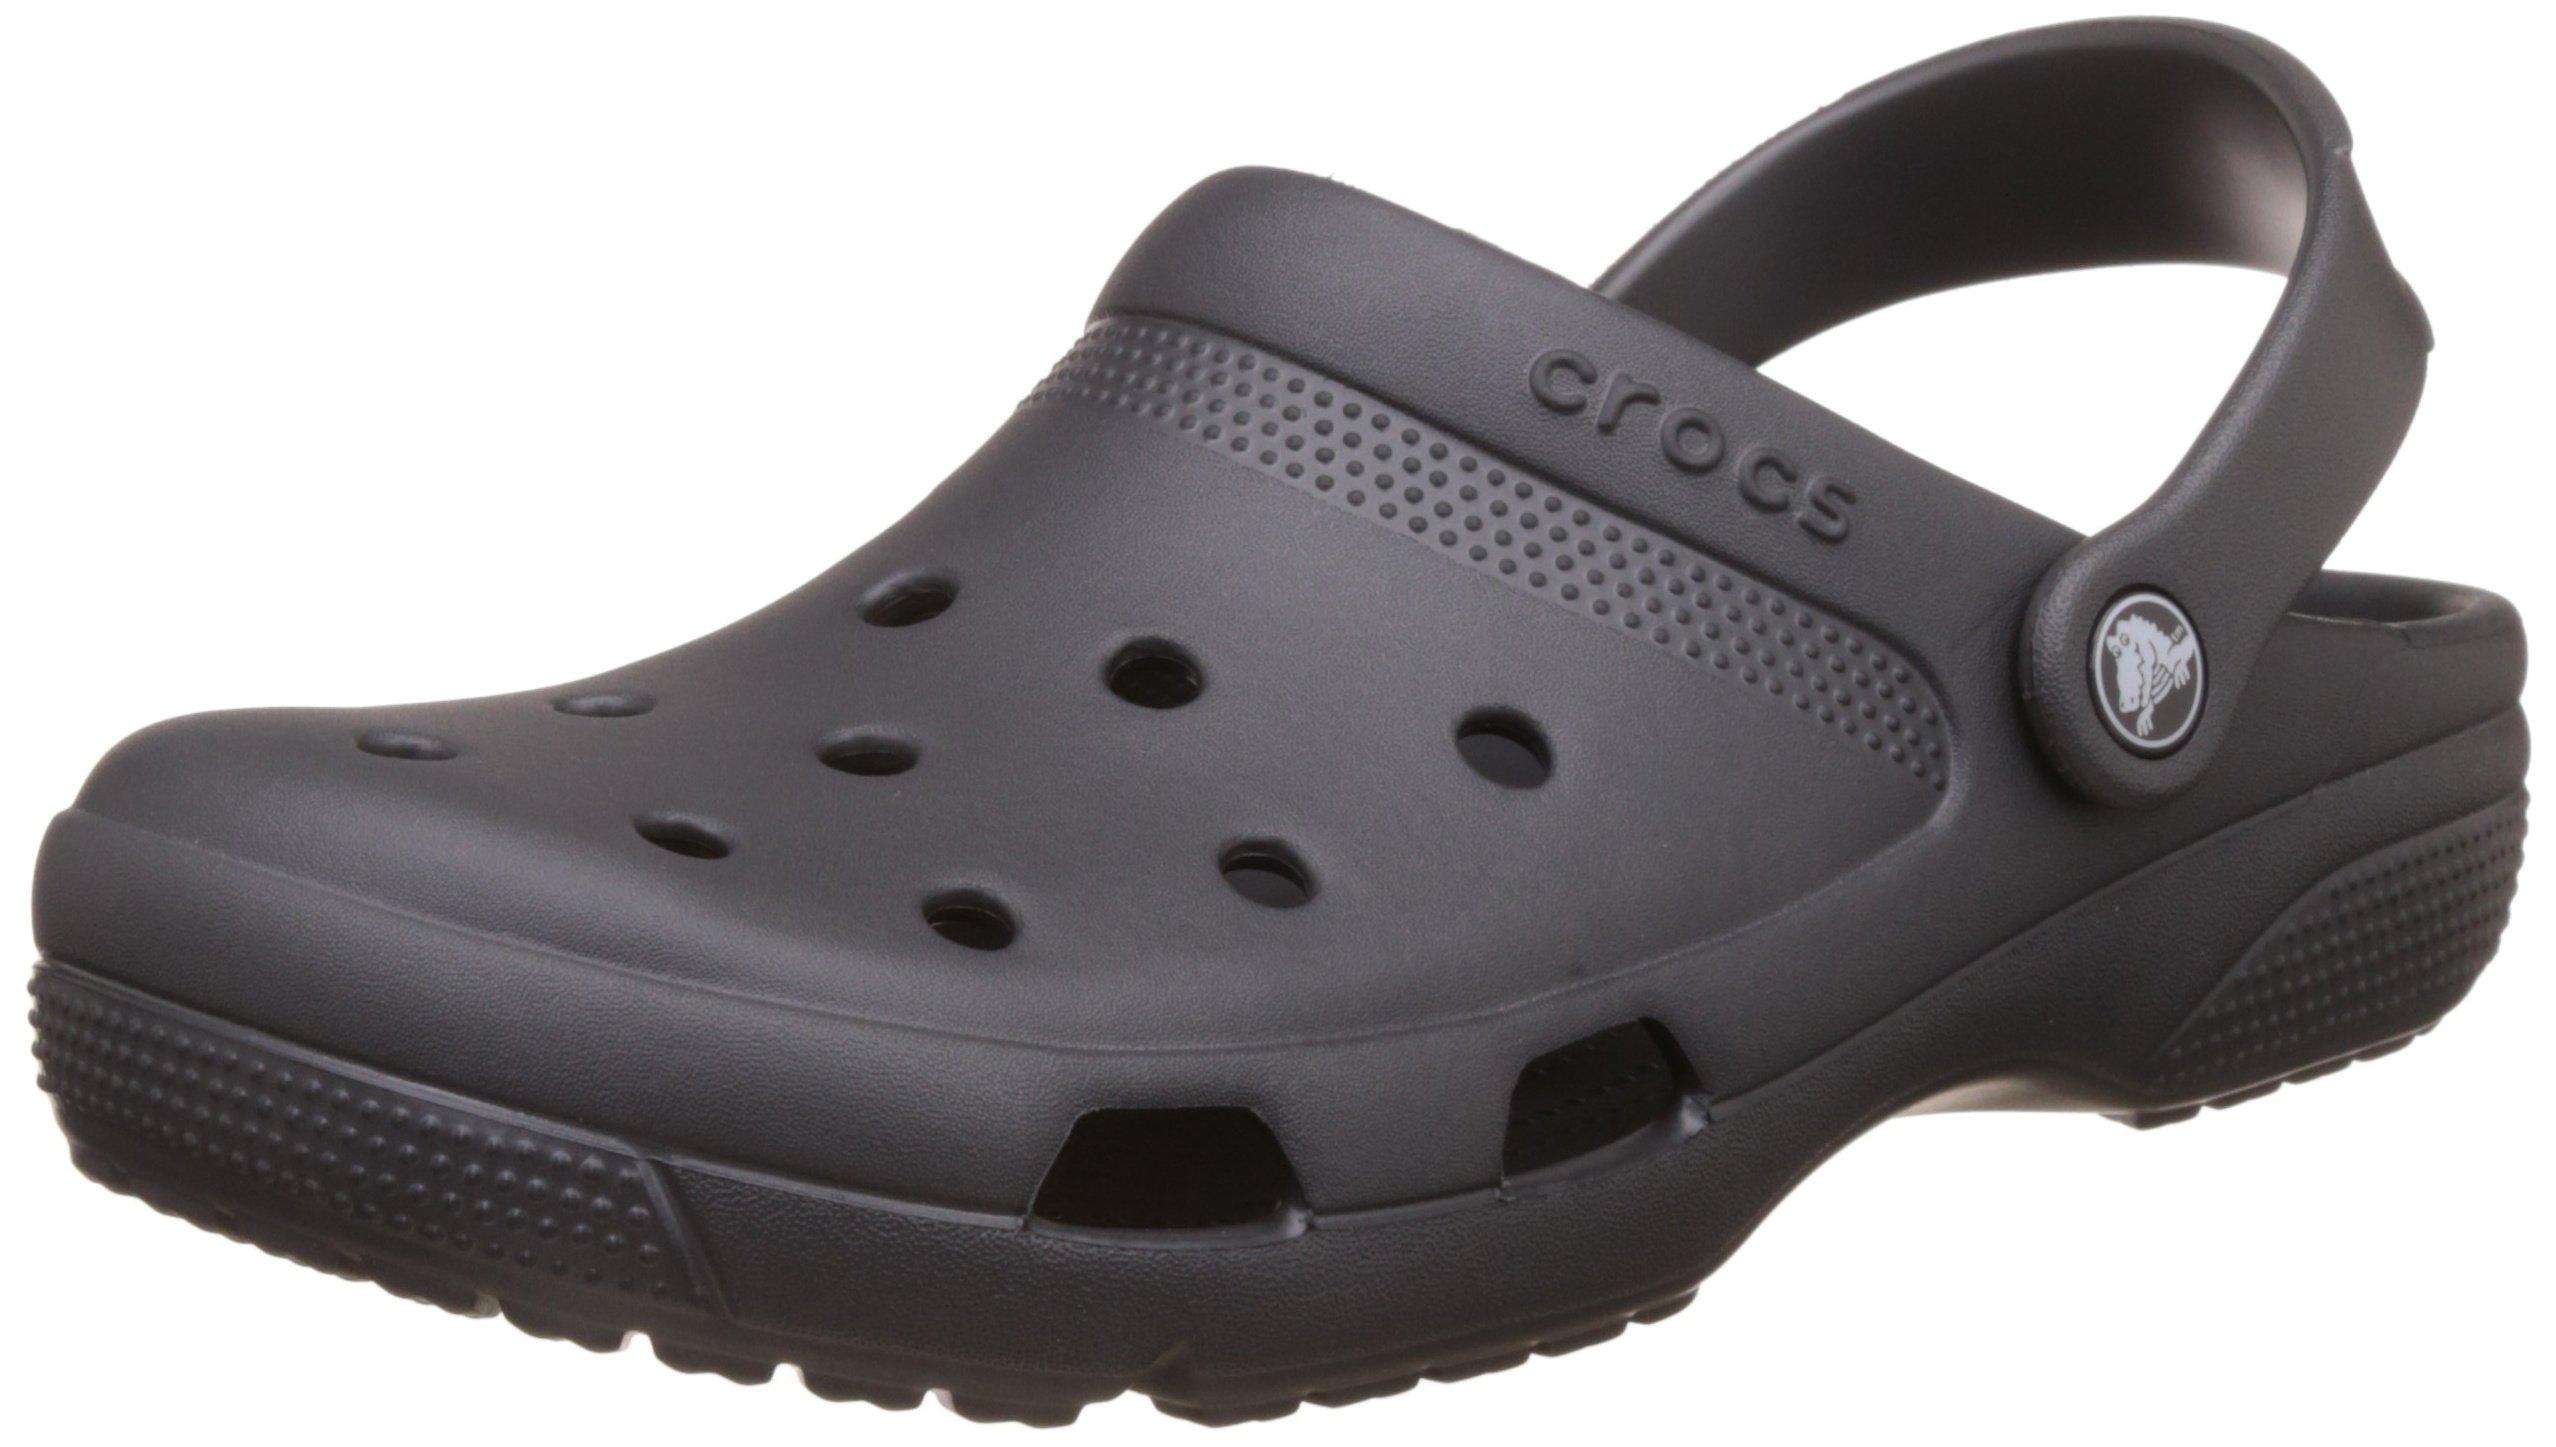 Crocs Unisex Coast Clog Graphite 12 Women/10 Men M US by Crocs